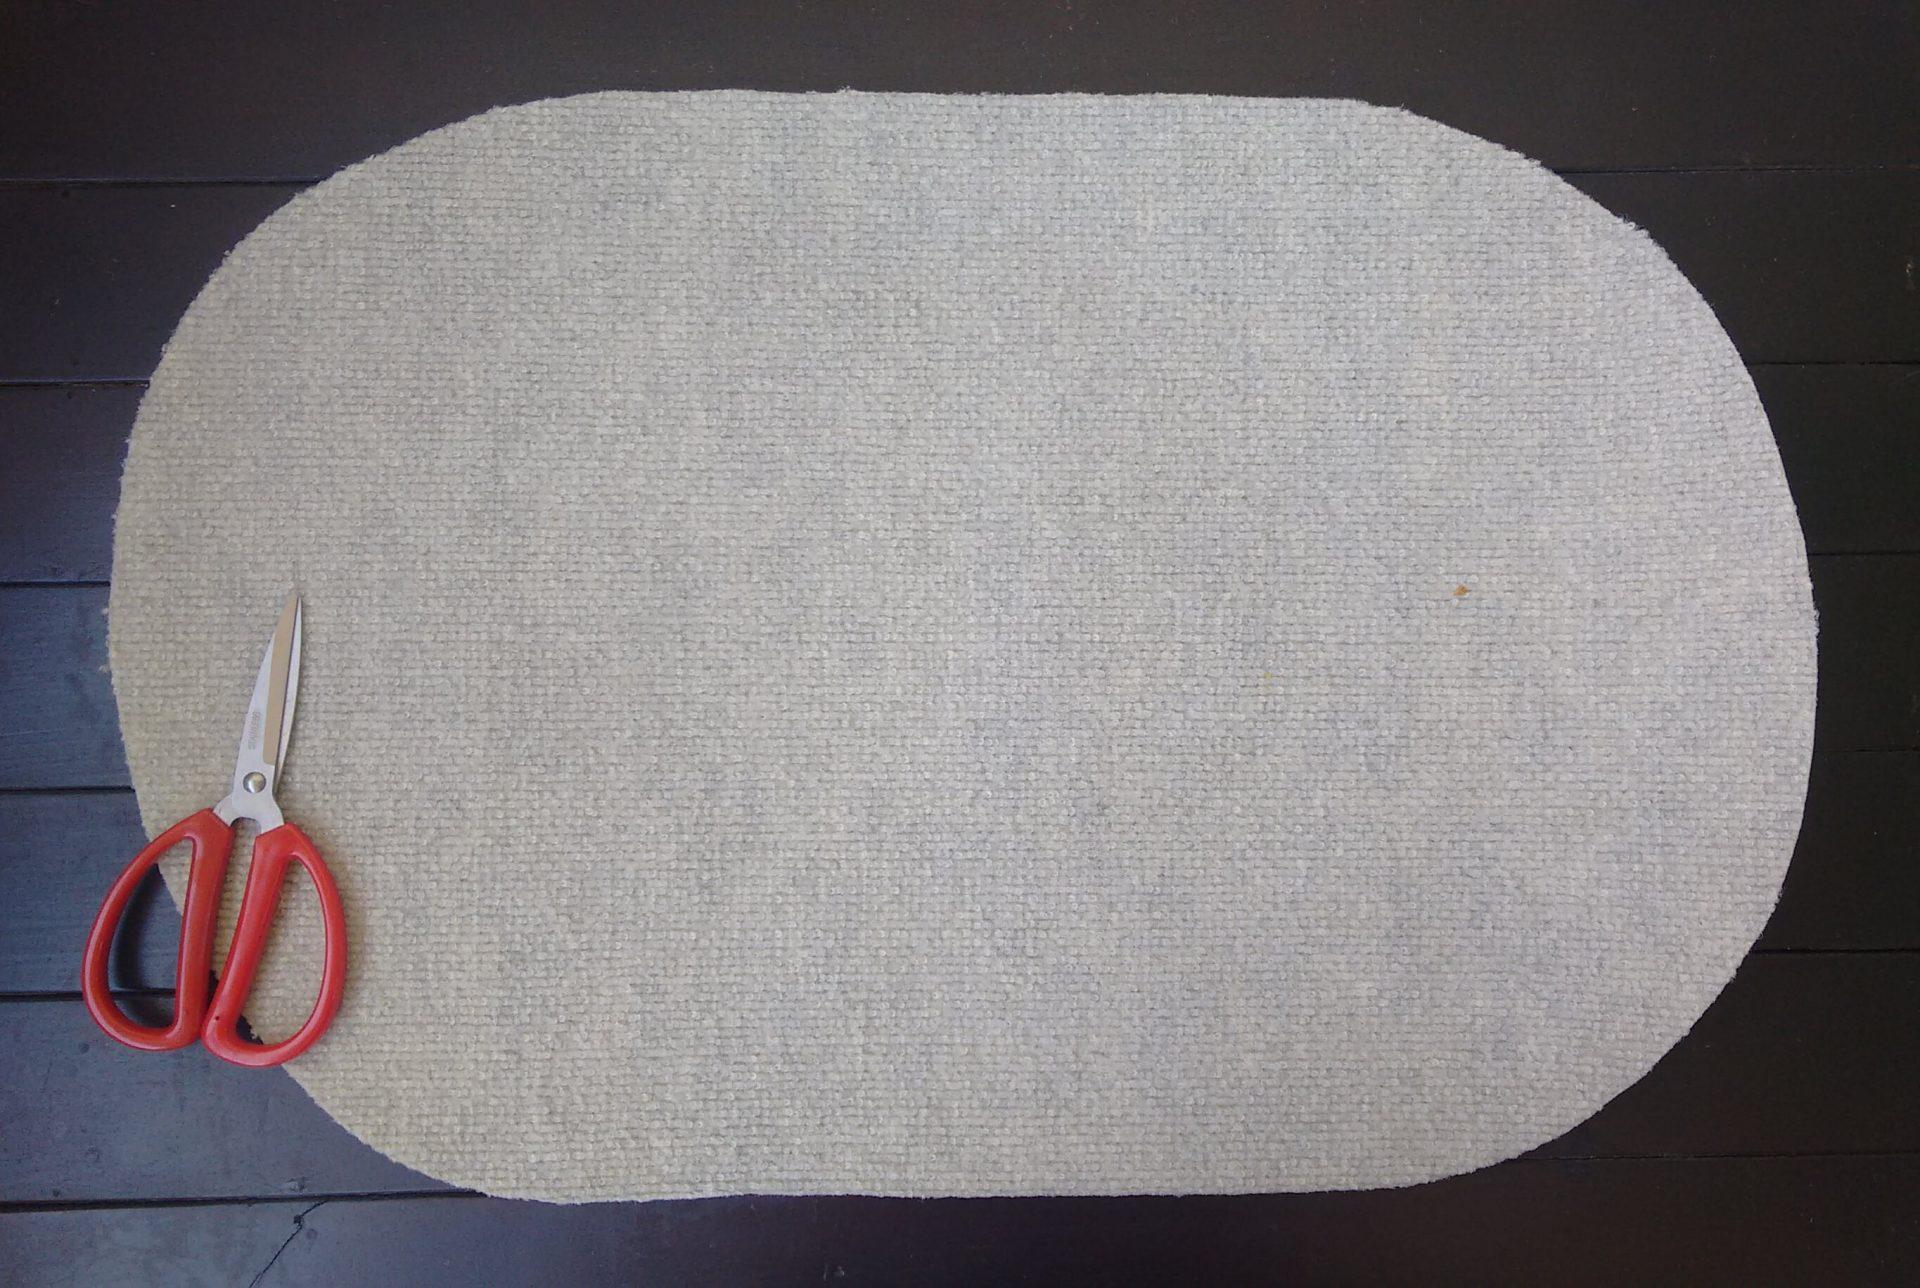 como-fazer-capacho-personalizado-2